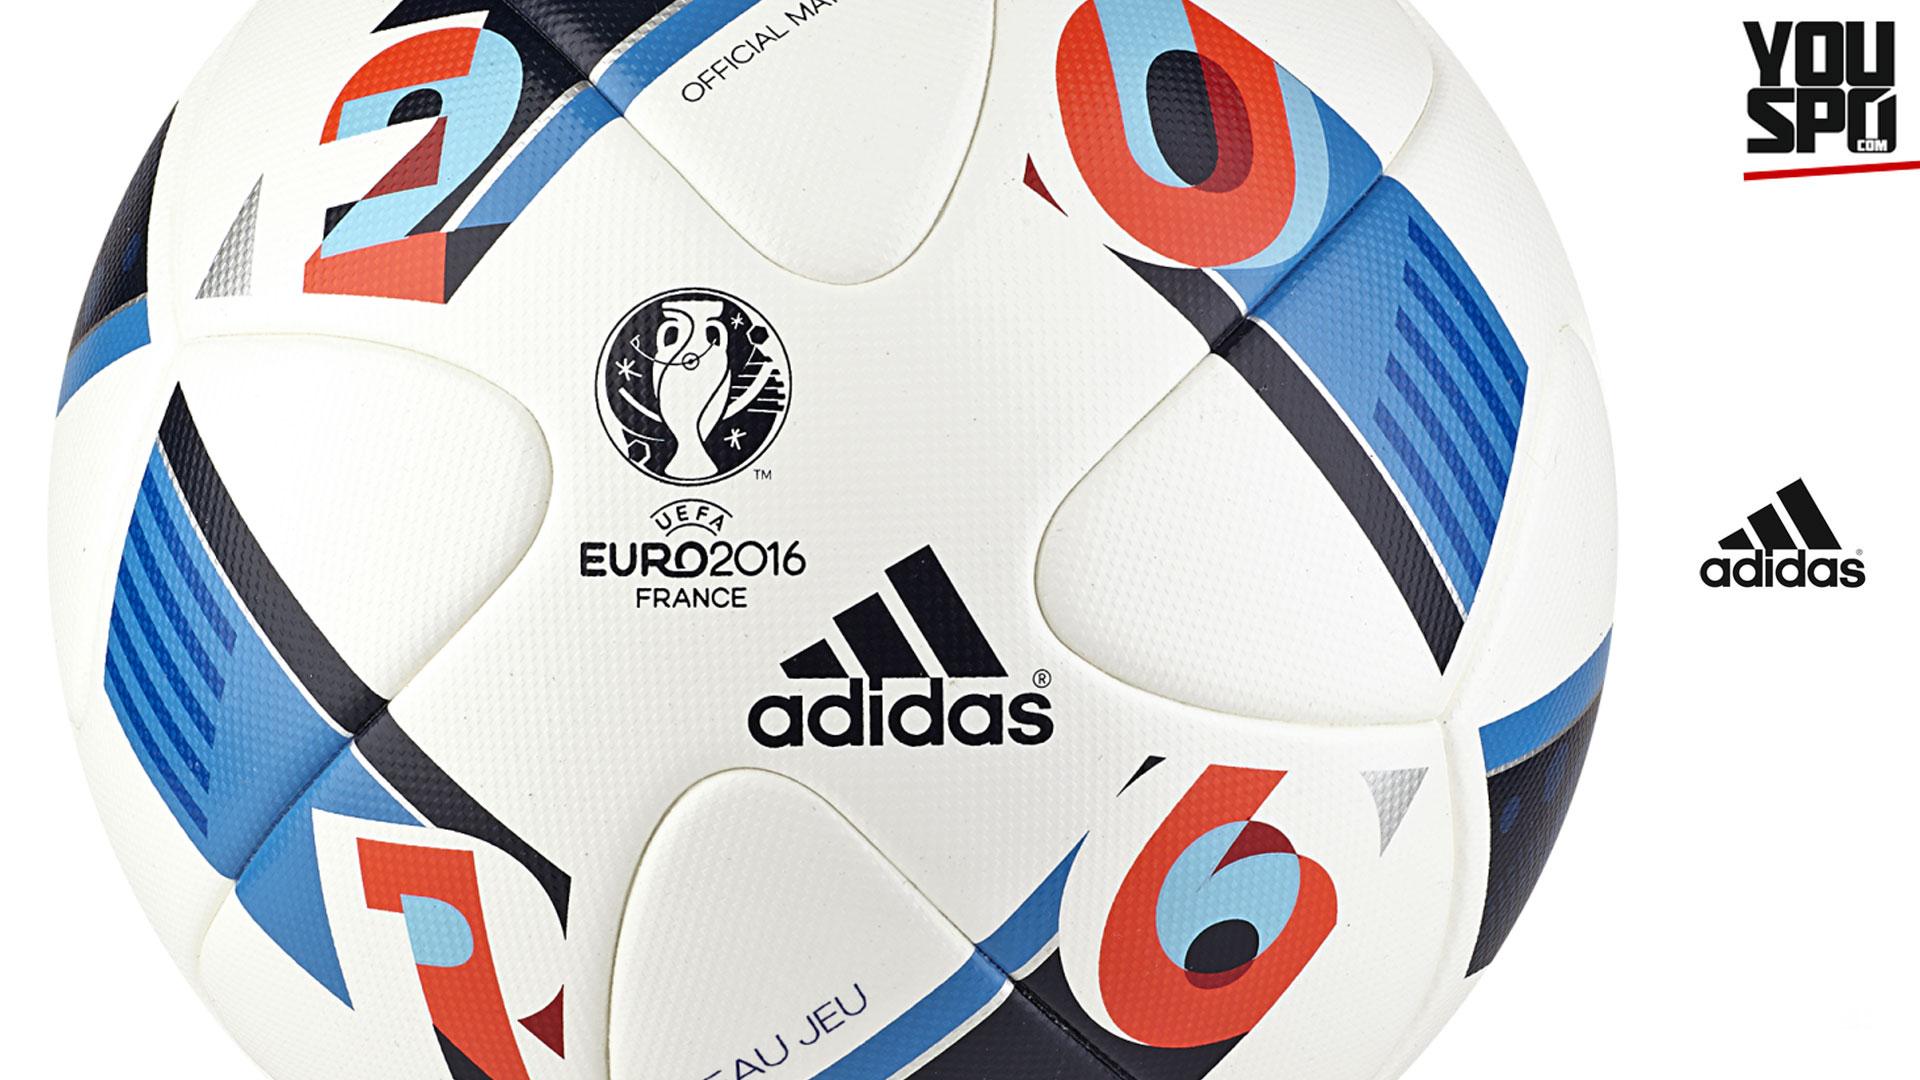 Adidas EM 2016 Ball OMB - Beau Jeu - Match Ball bestellen